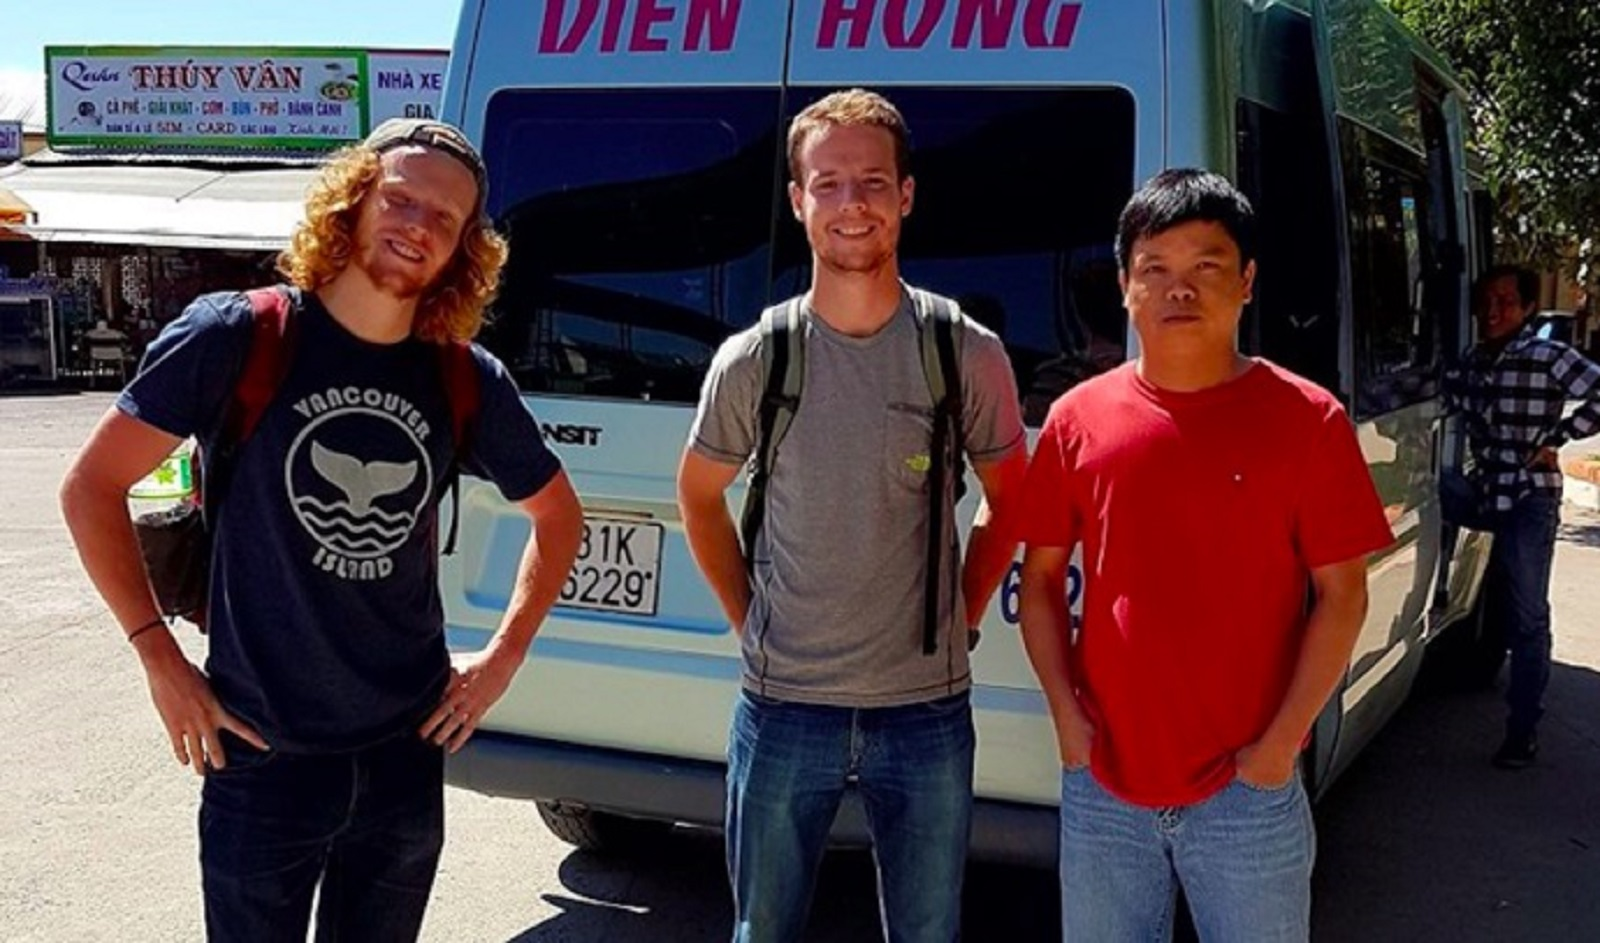 Gia Lai: Giám đốc Sở giúp khách Tây đón xe đi Hội An